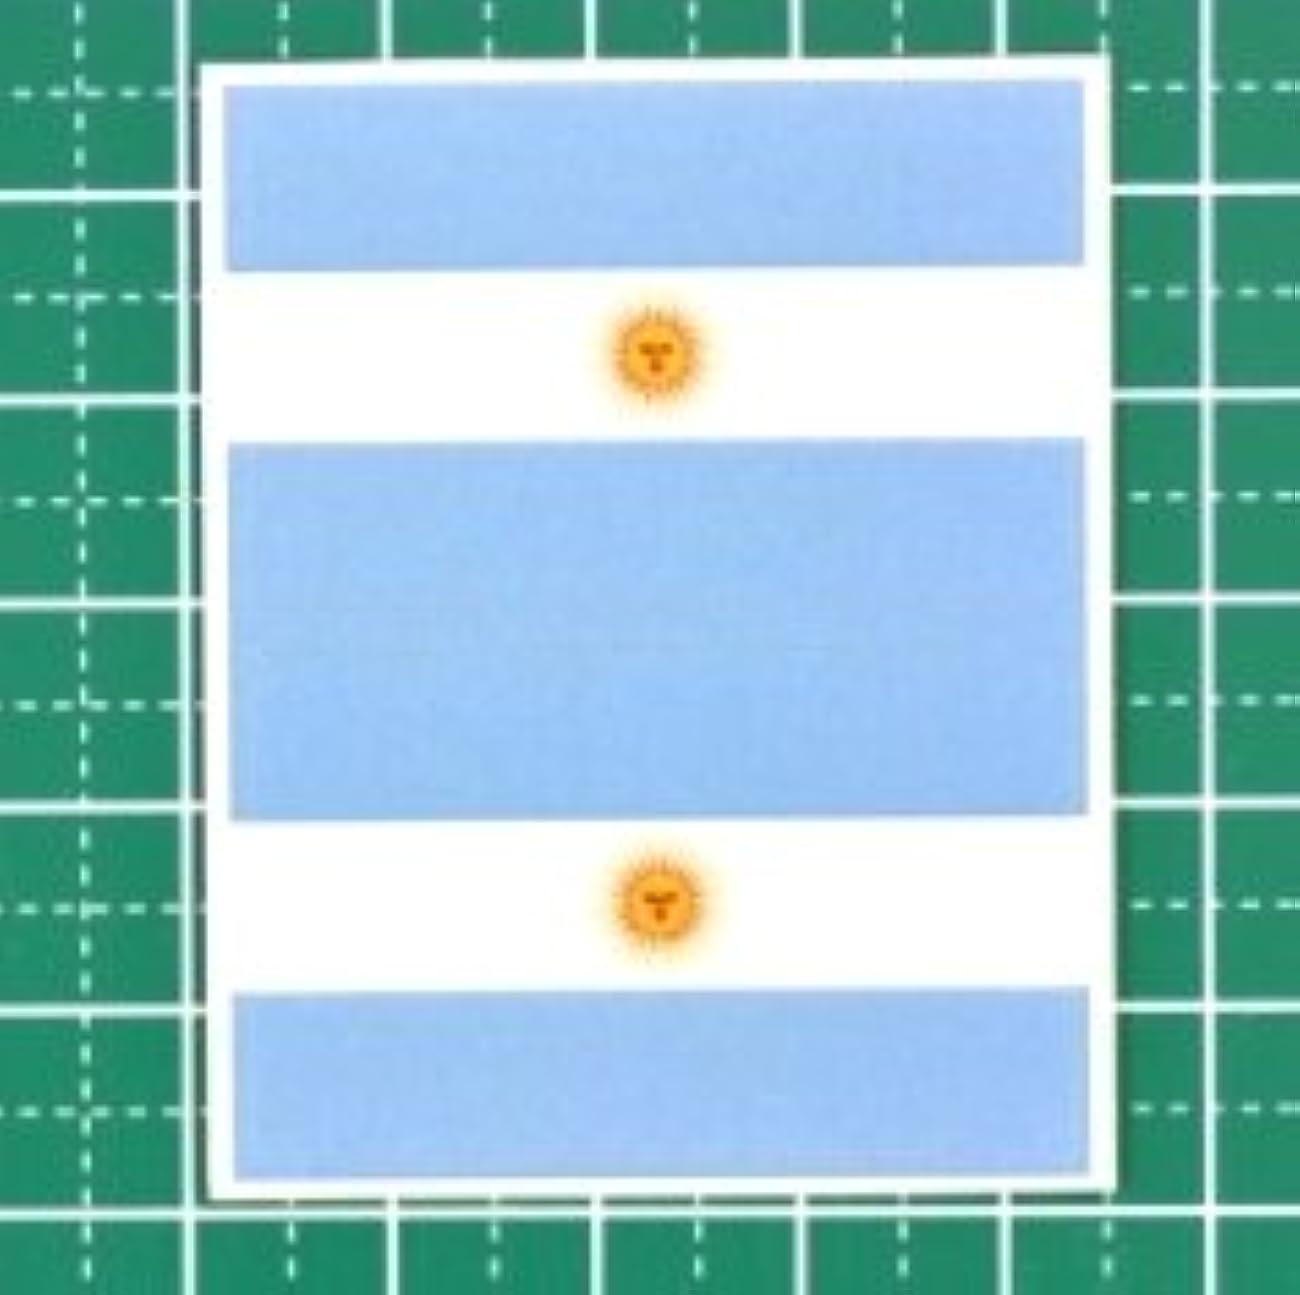 許容できる明示的に戸惑うアルゼンチン国旗★フェイスシール【ワールドカップ(サッカー)】/1シート2枚組